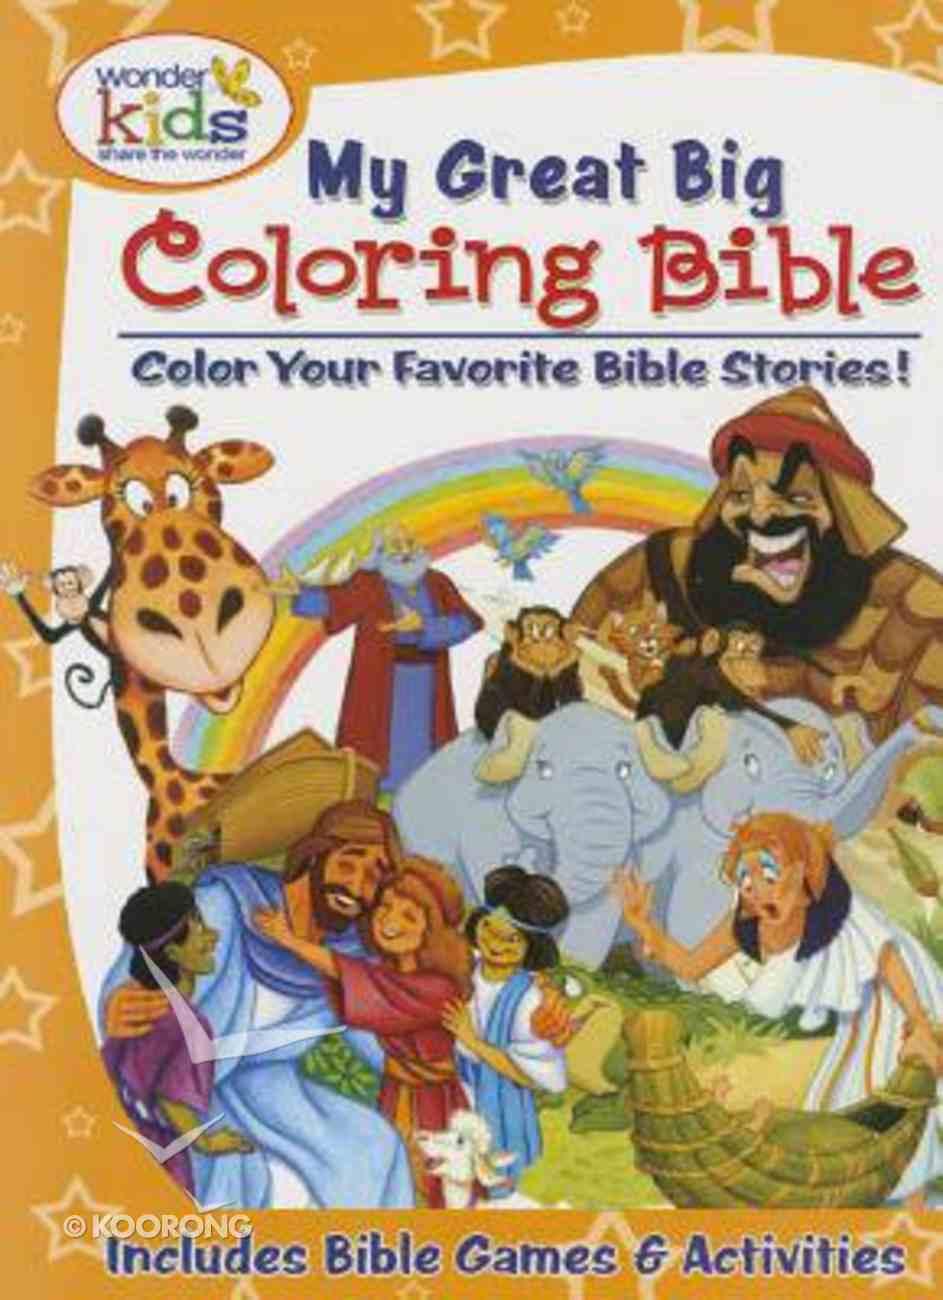 Wonder Kids: My Great Big Coloring Bible Paperback